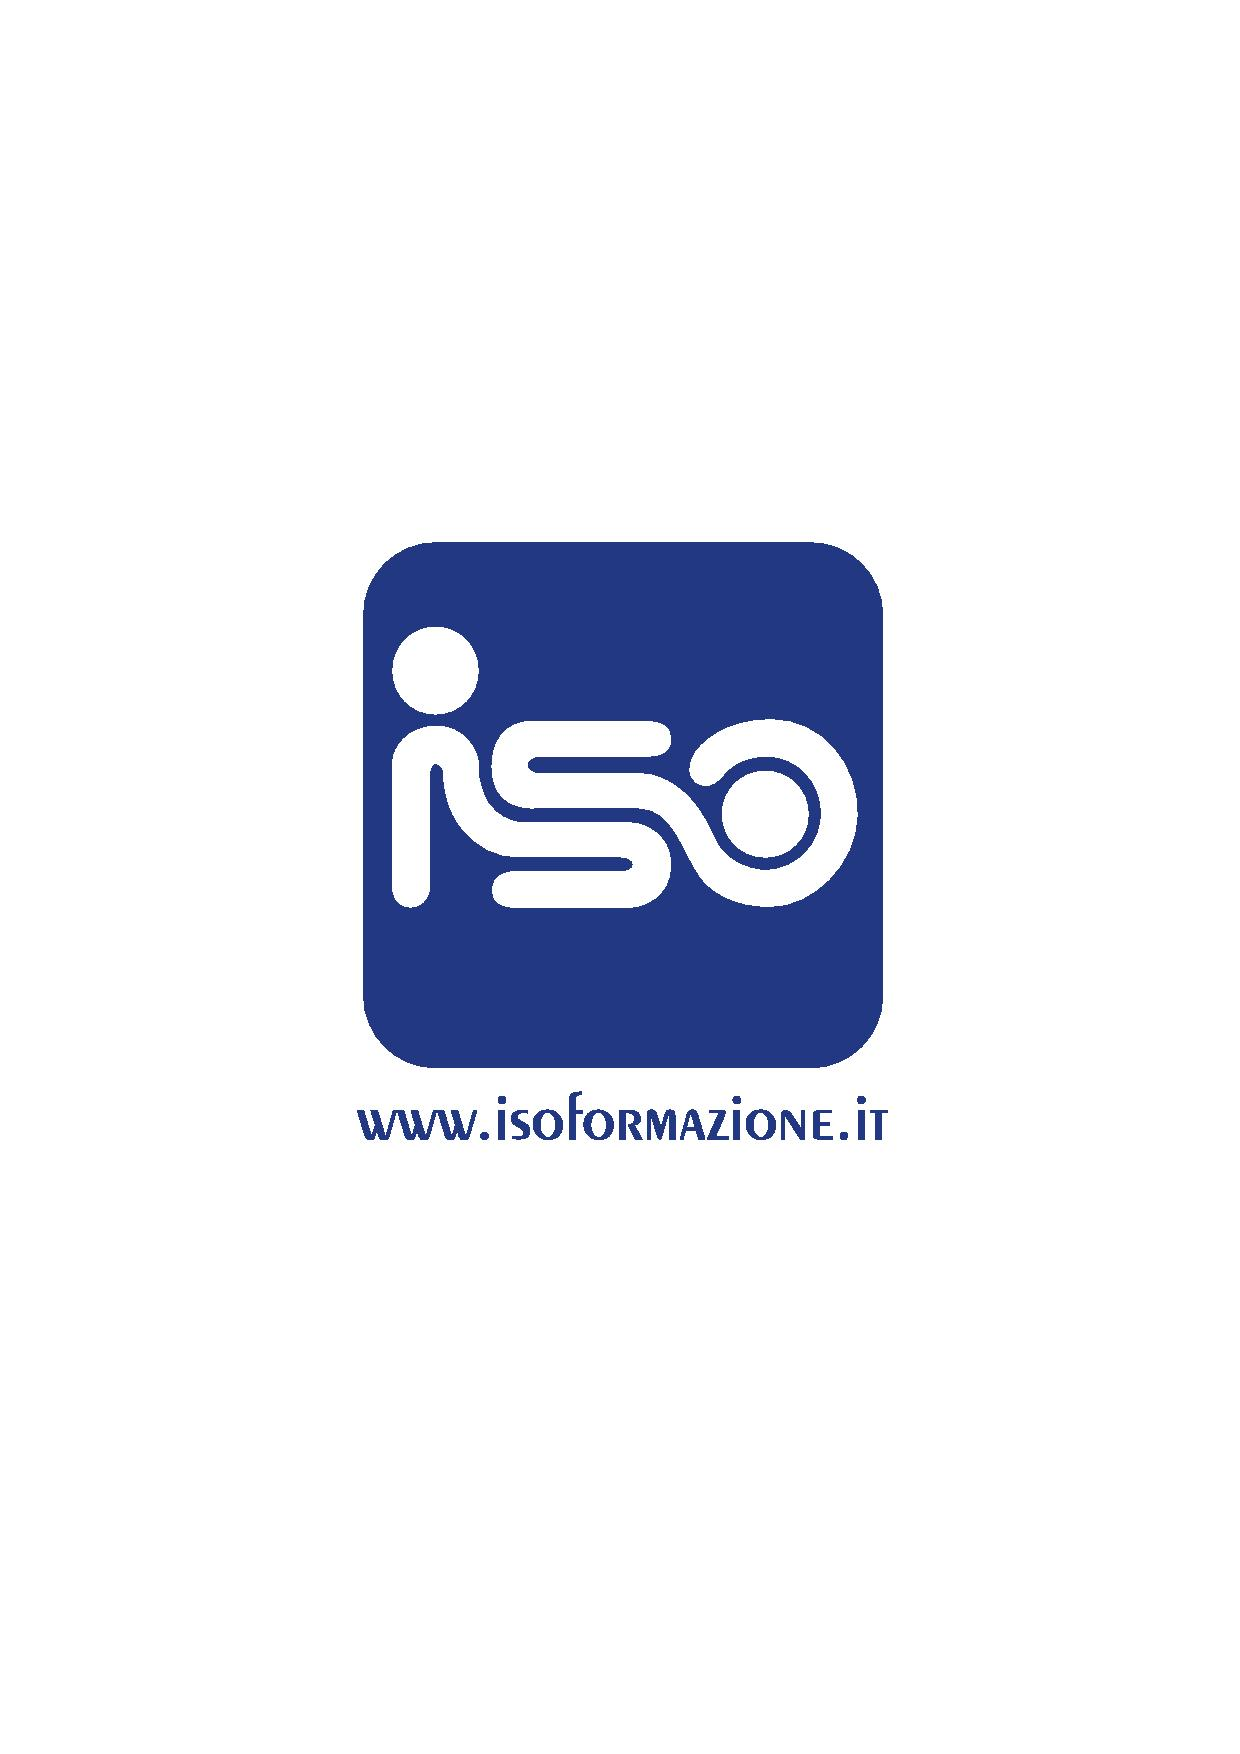 PROMOAZIENDE – I.S.O. Interventi Socio Organizzativi